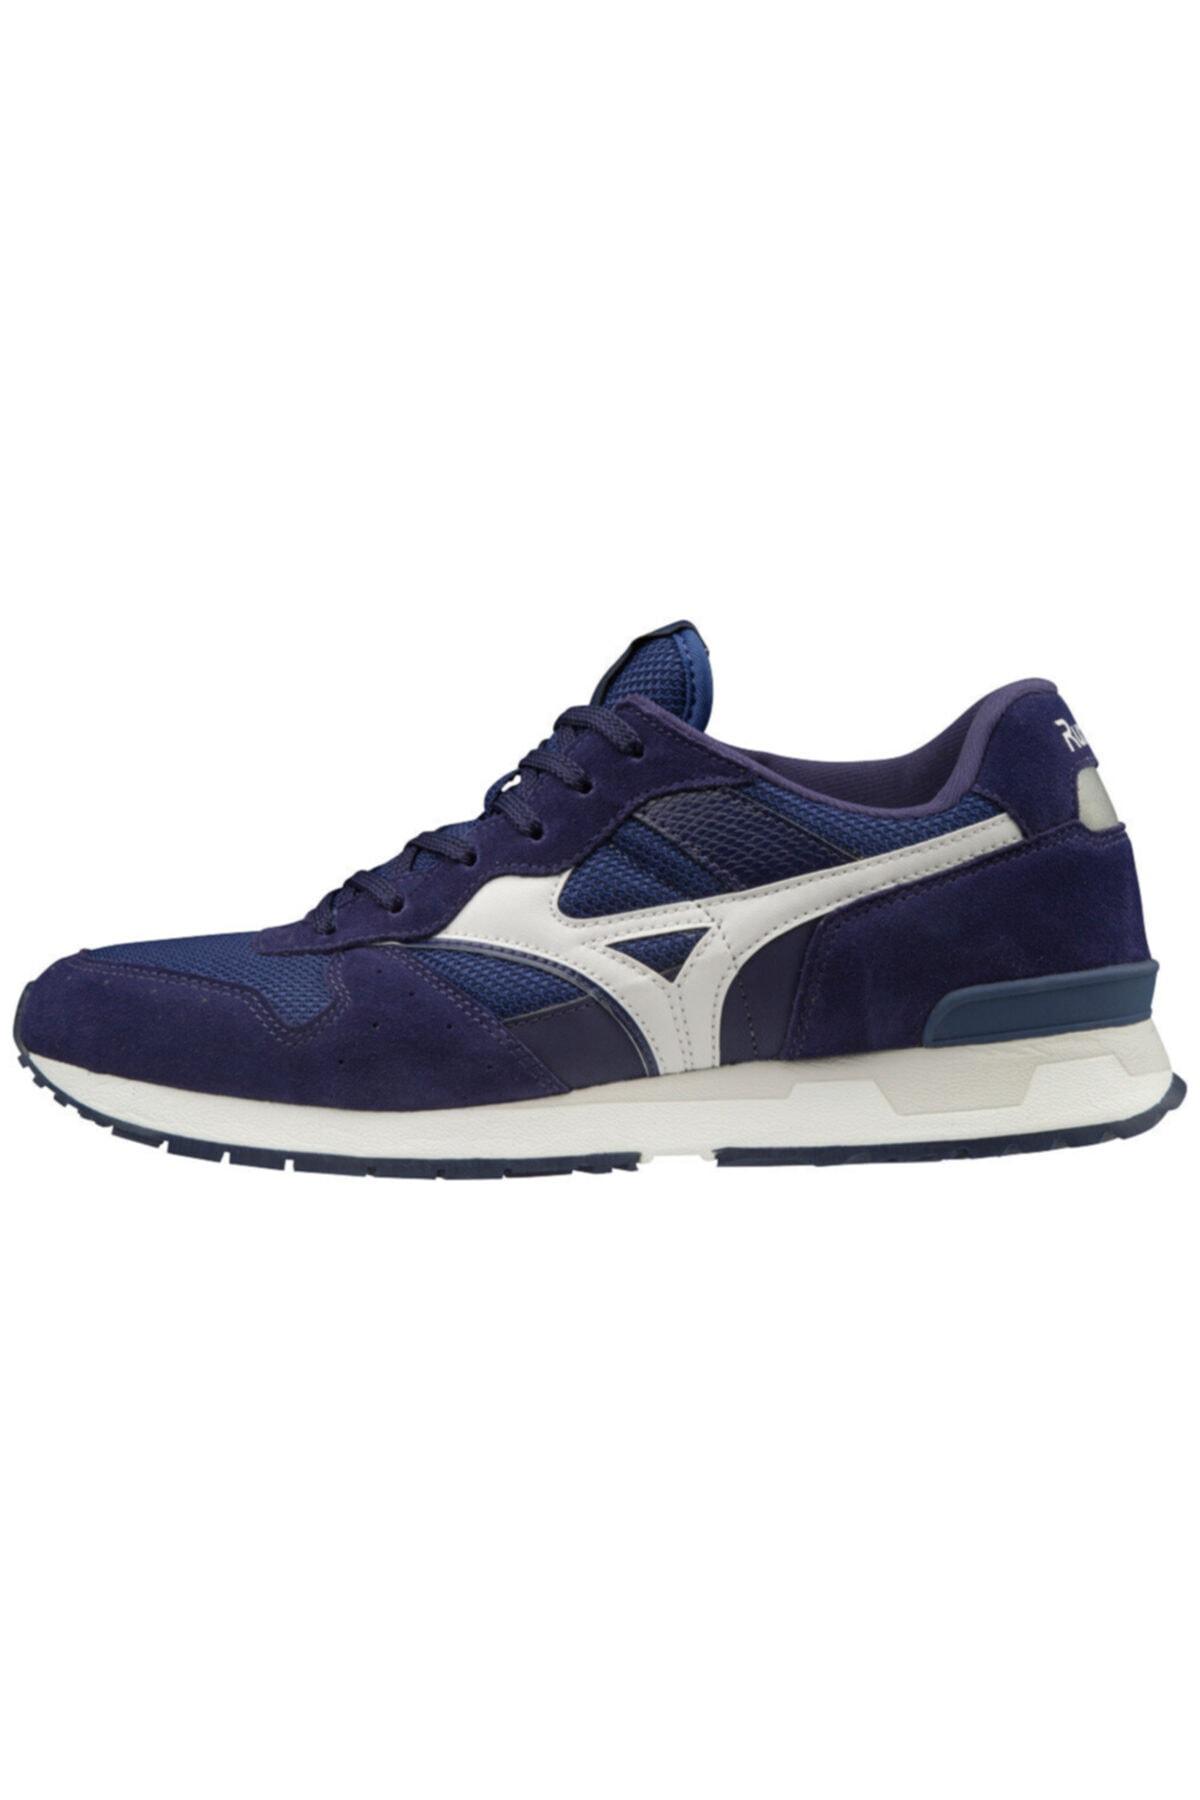 MIZUNO Genova 87 Unisex Günlük Giyim Ayakkabısı Lacivert 1